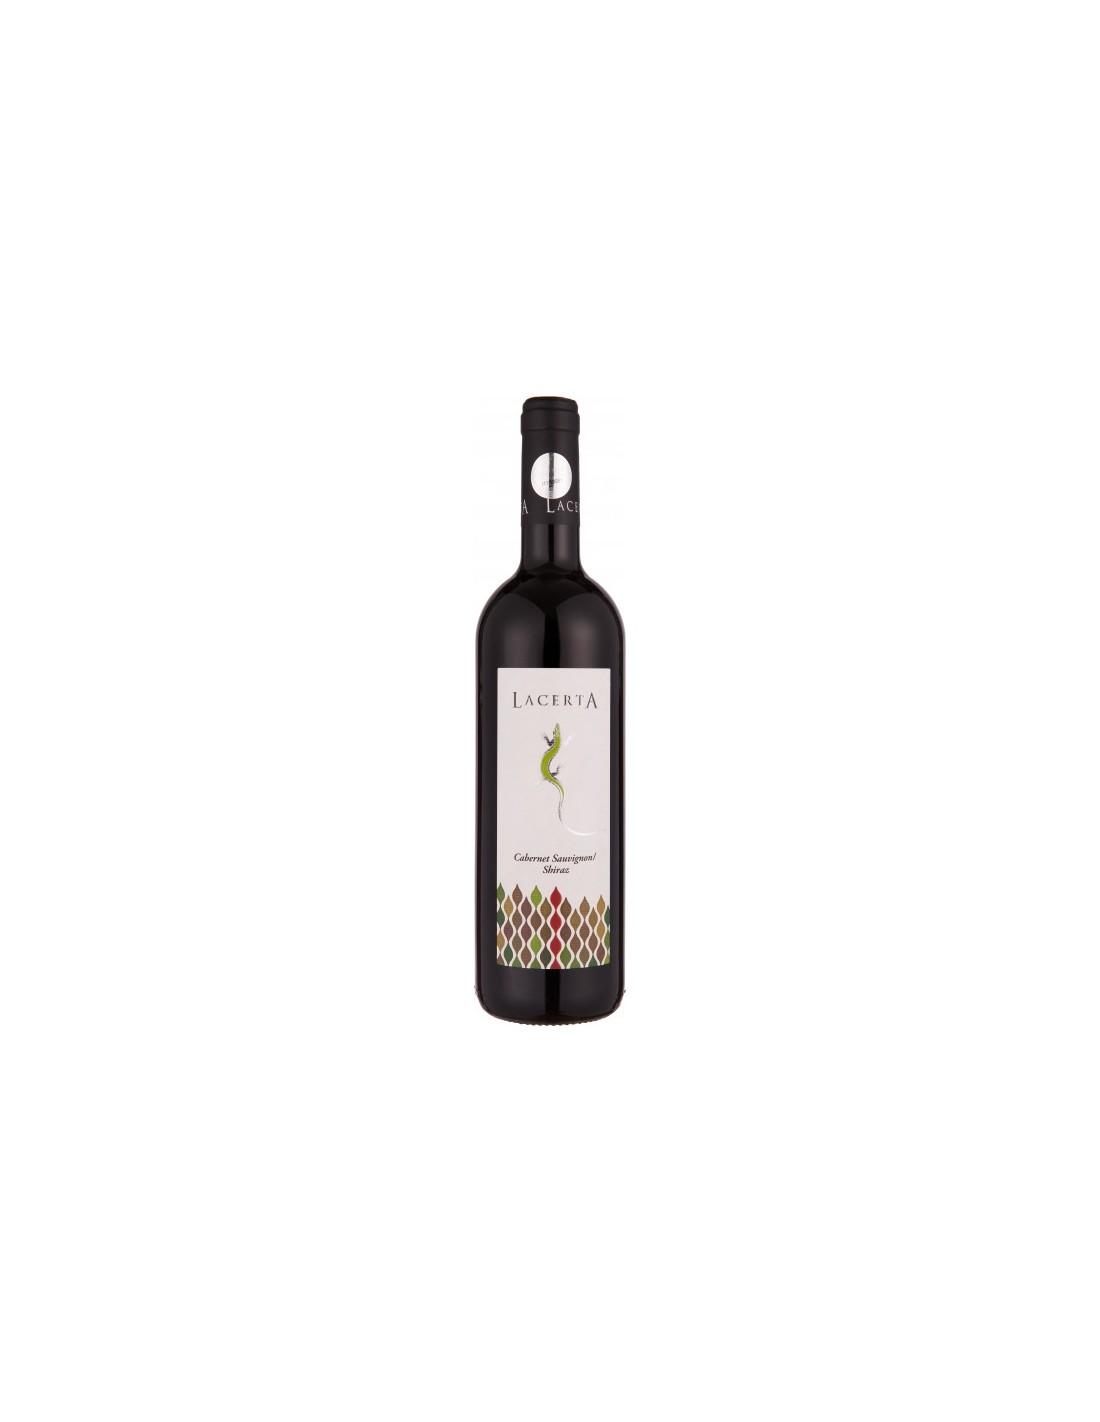 Vin rosu sec, Cabernet Sauvignon - Shiraz, Lacerta Dealu Mare, 0.75L, 14.2% alc., Romania